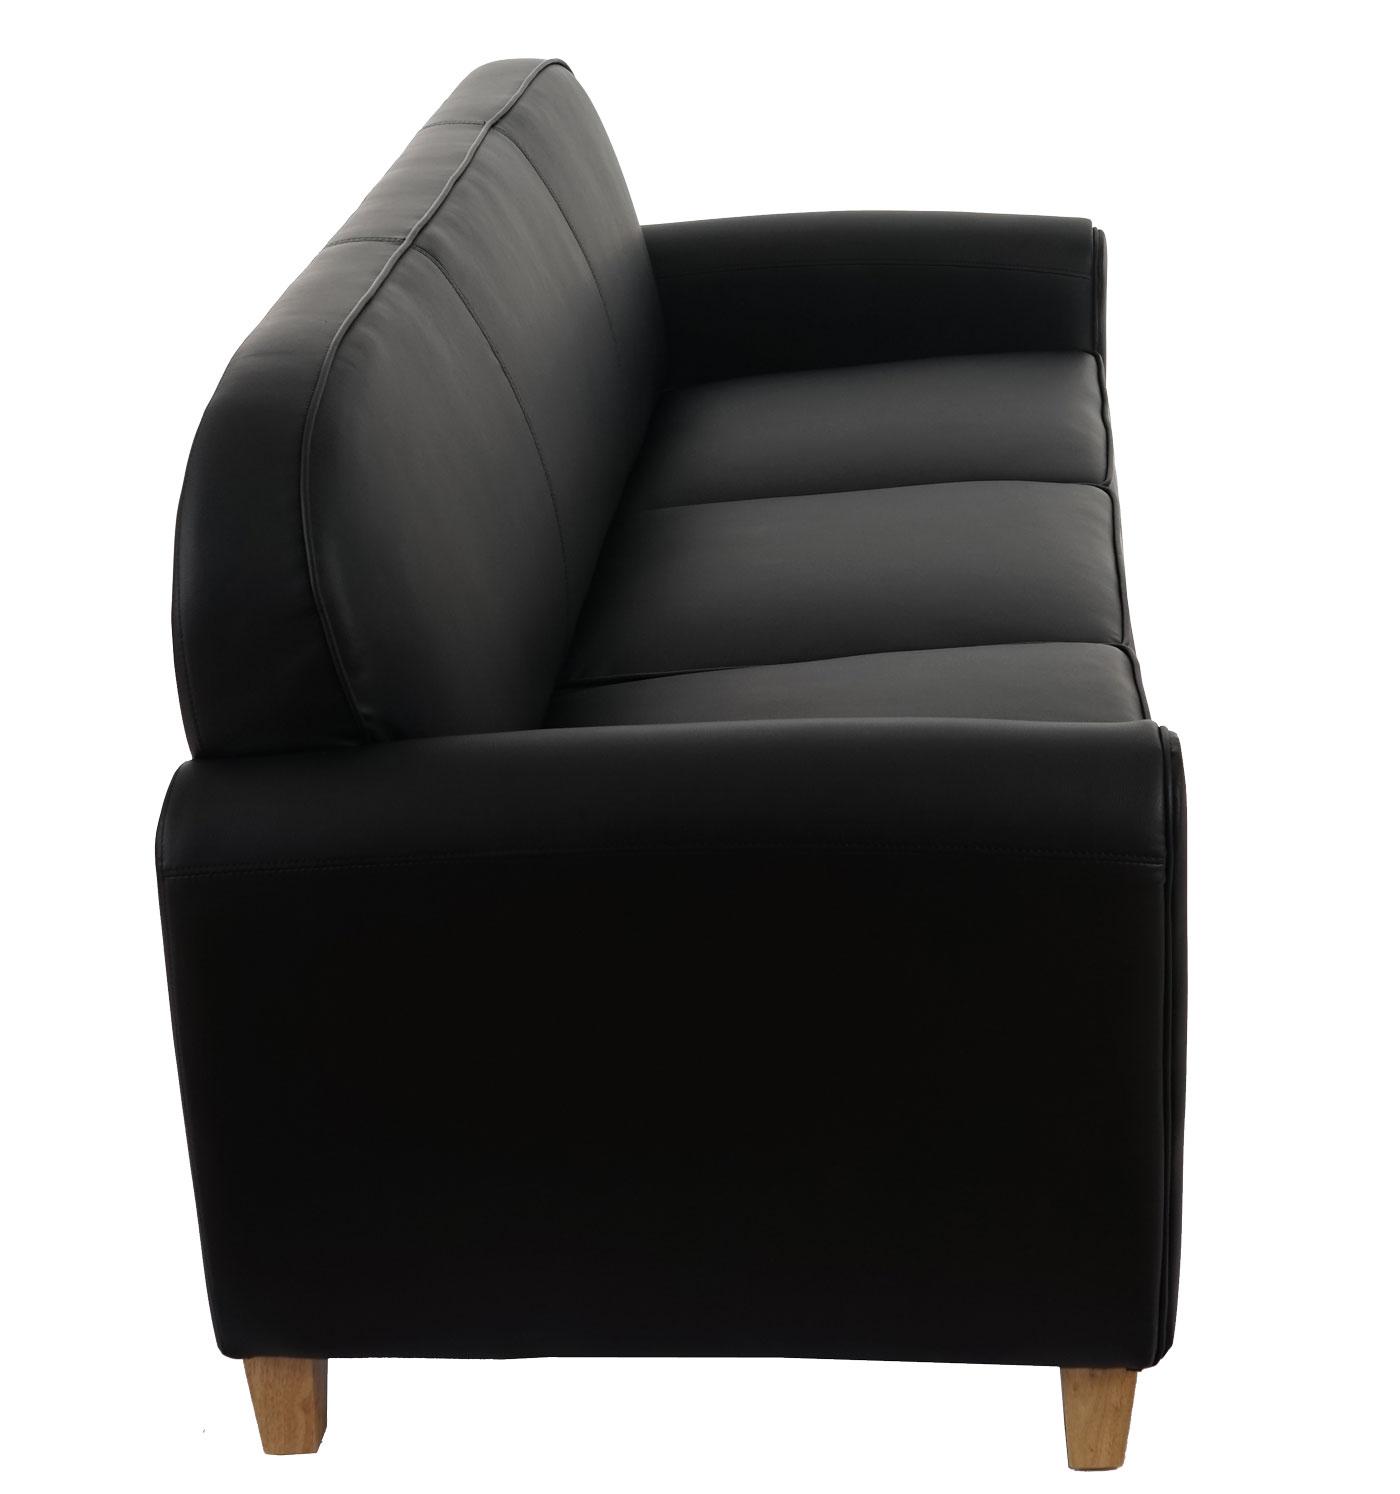 3er sofa malm t377 loungesofa couch retro 50er jahre design schwarz kunstleder. Black Bedroom Furniture Sets. Home Design Ideas